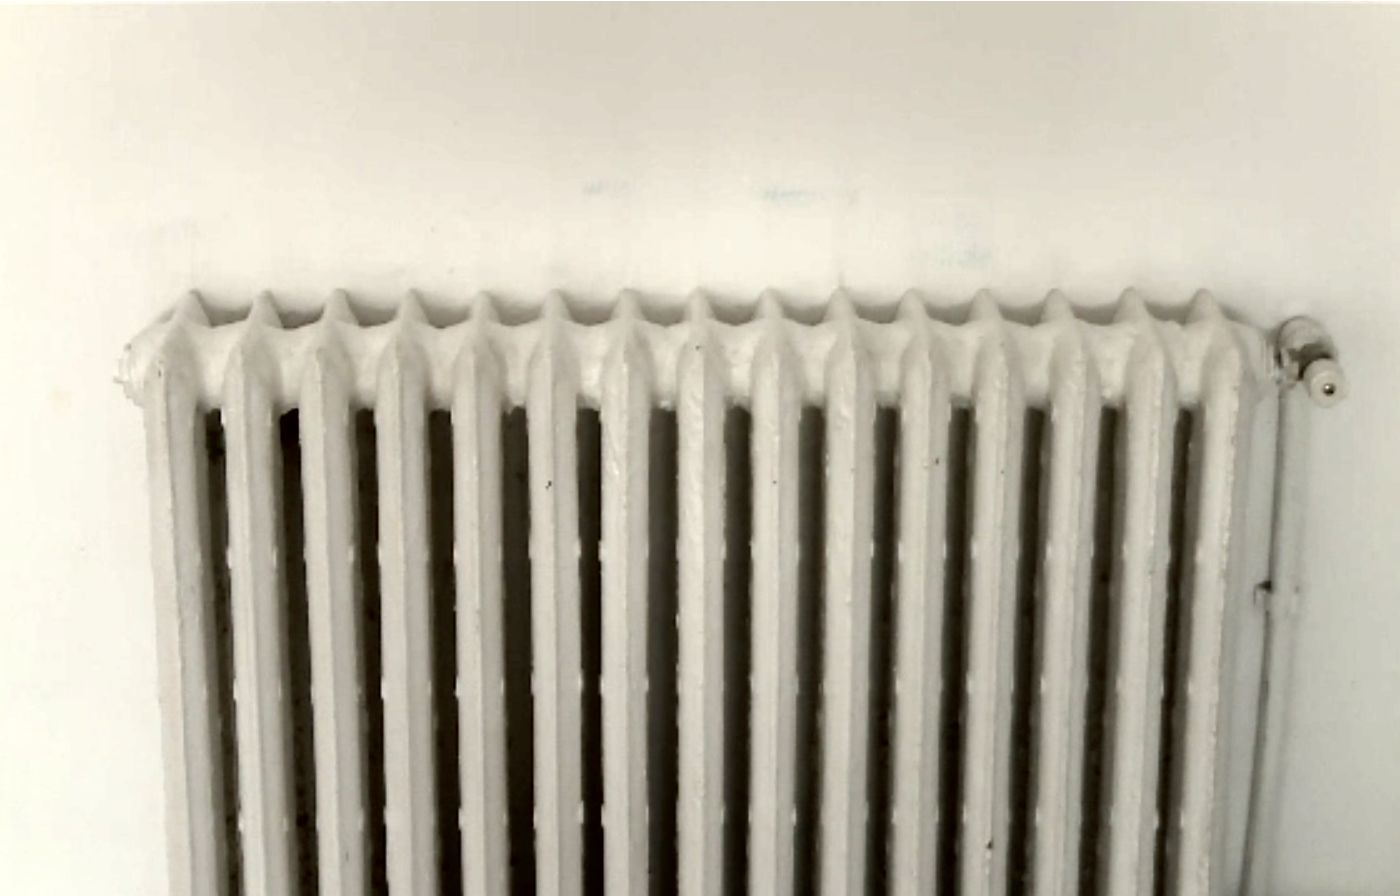 Pacienții din spitalele de stat îngheață fără căldură și apă caldă. Care era situaţia la Matei Balş